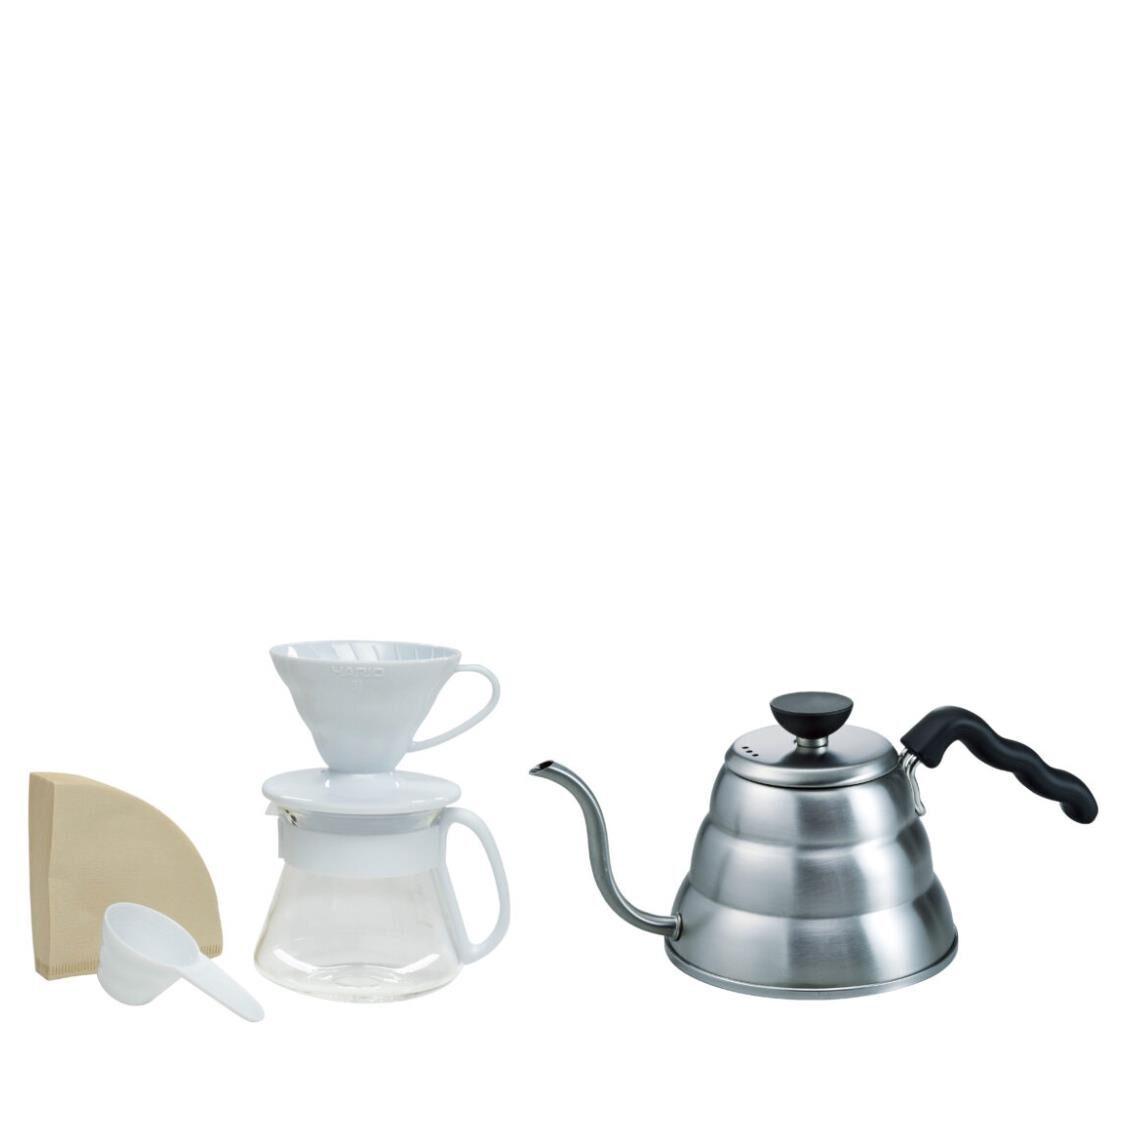 Hario V60 Craft Coffee Maker Set - White VDSP-2012W-EX  VKB-100HSV